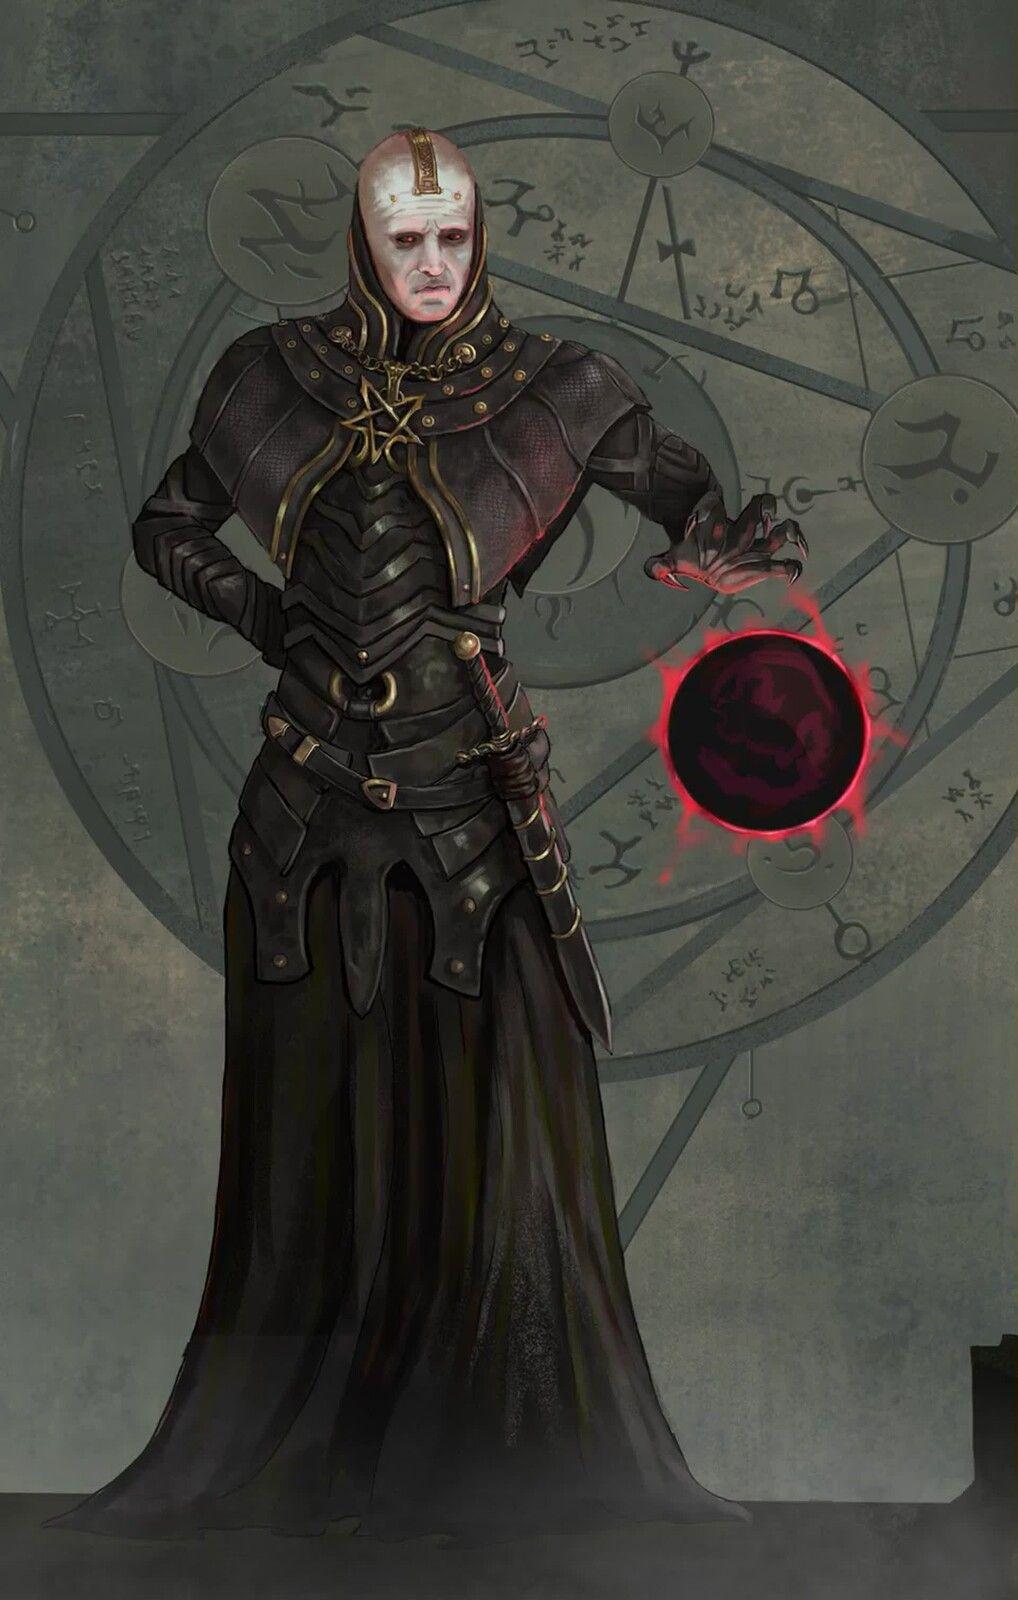 Pin by BogunJeka on Diablo in 2020 Character art